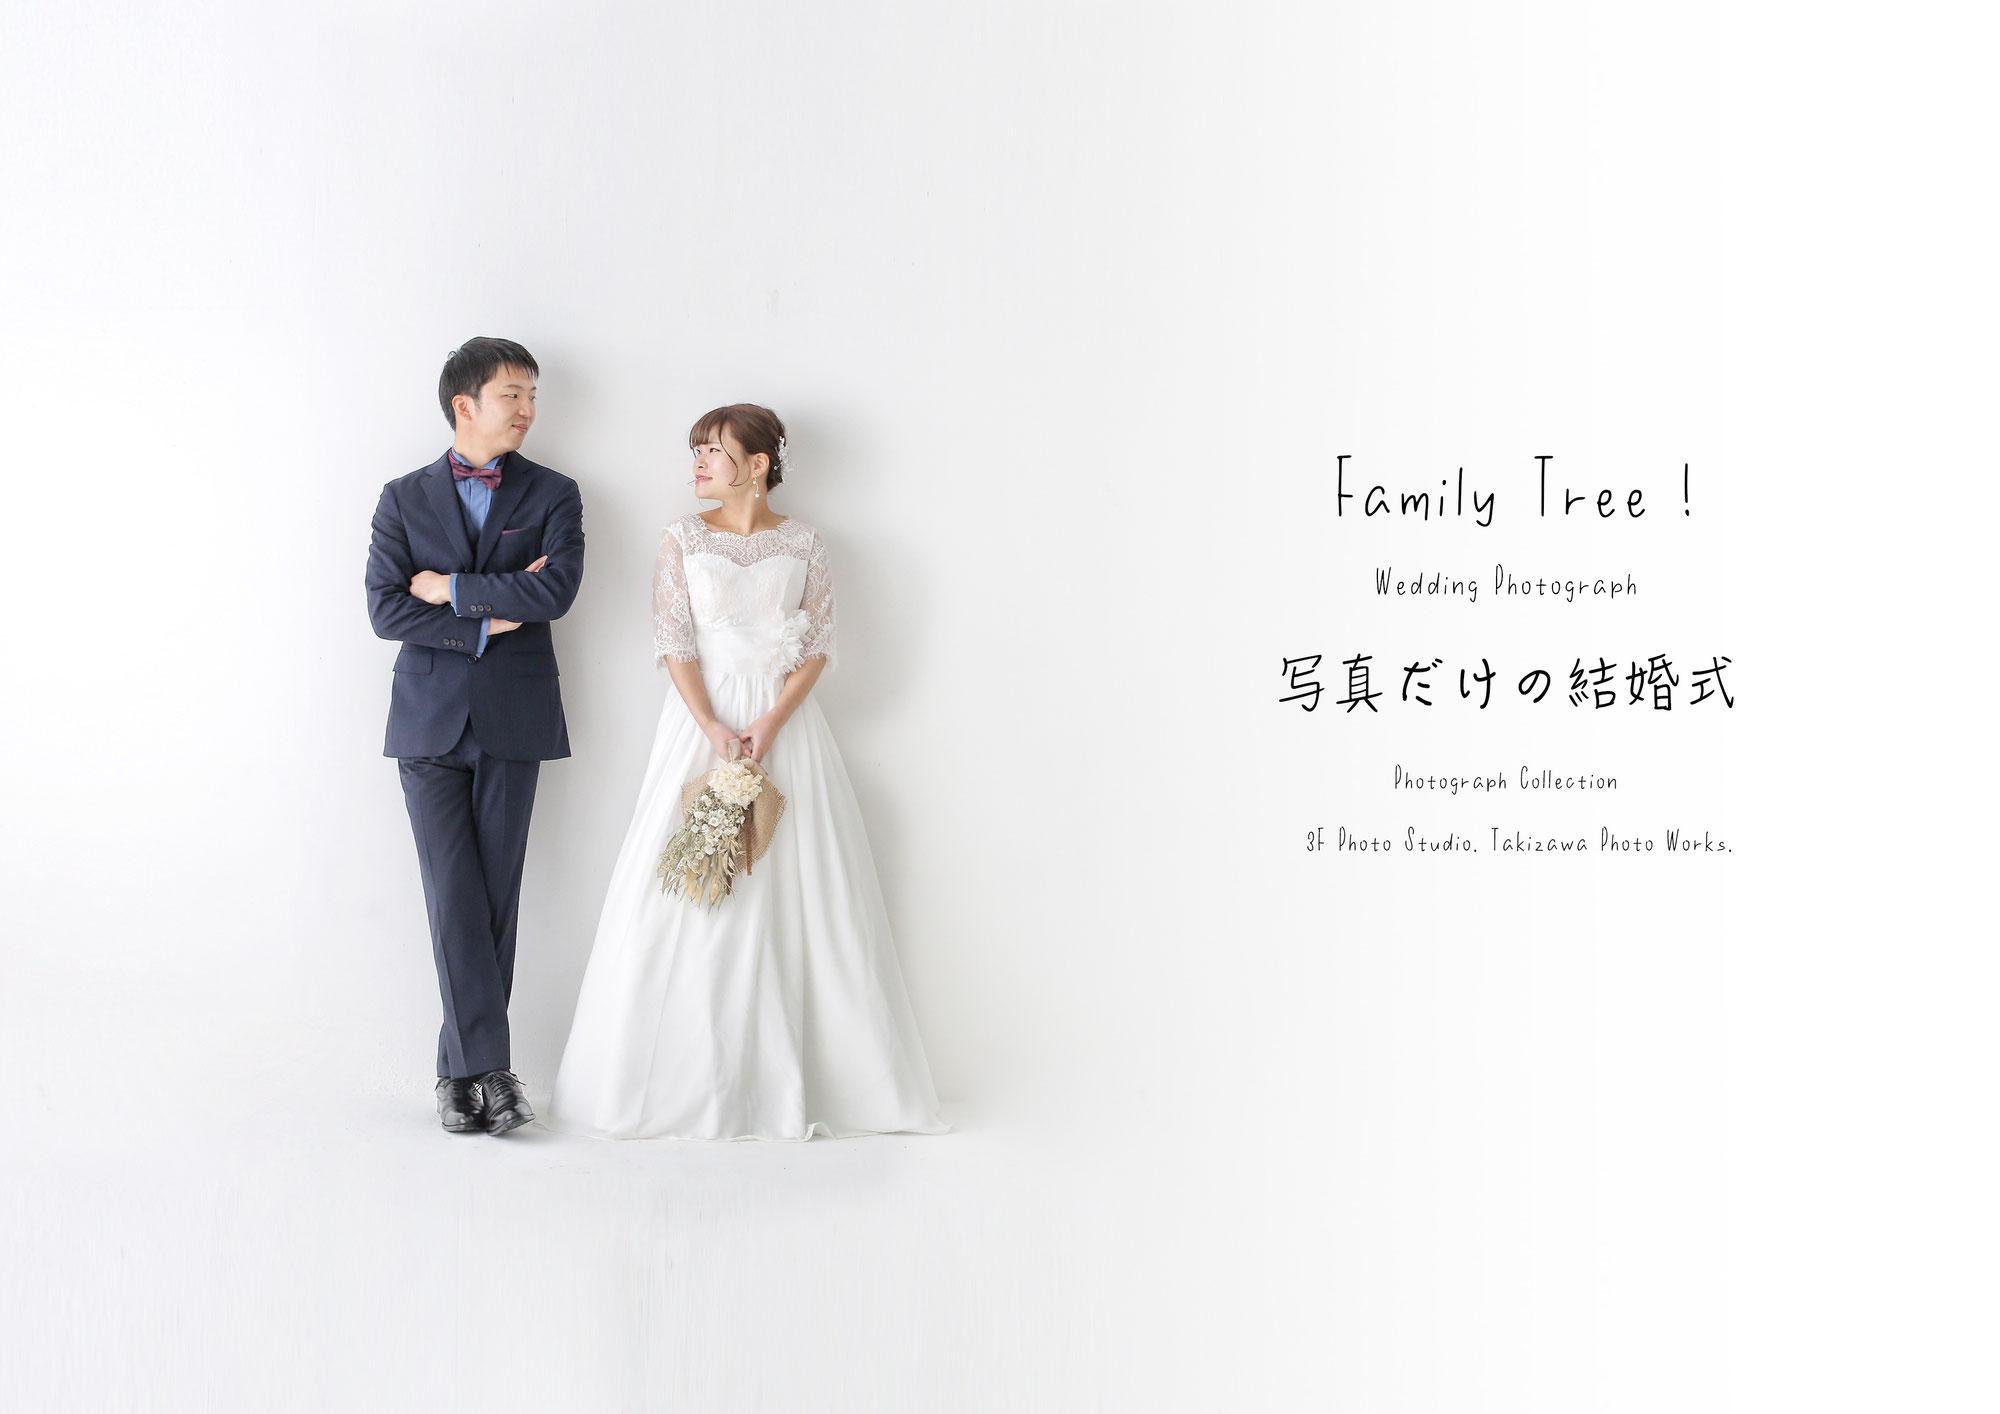 新潟市にある 3F Photo Studio.のフォトウエディング!